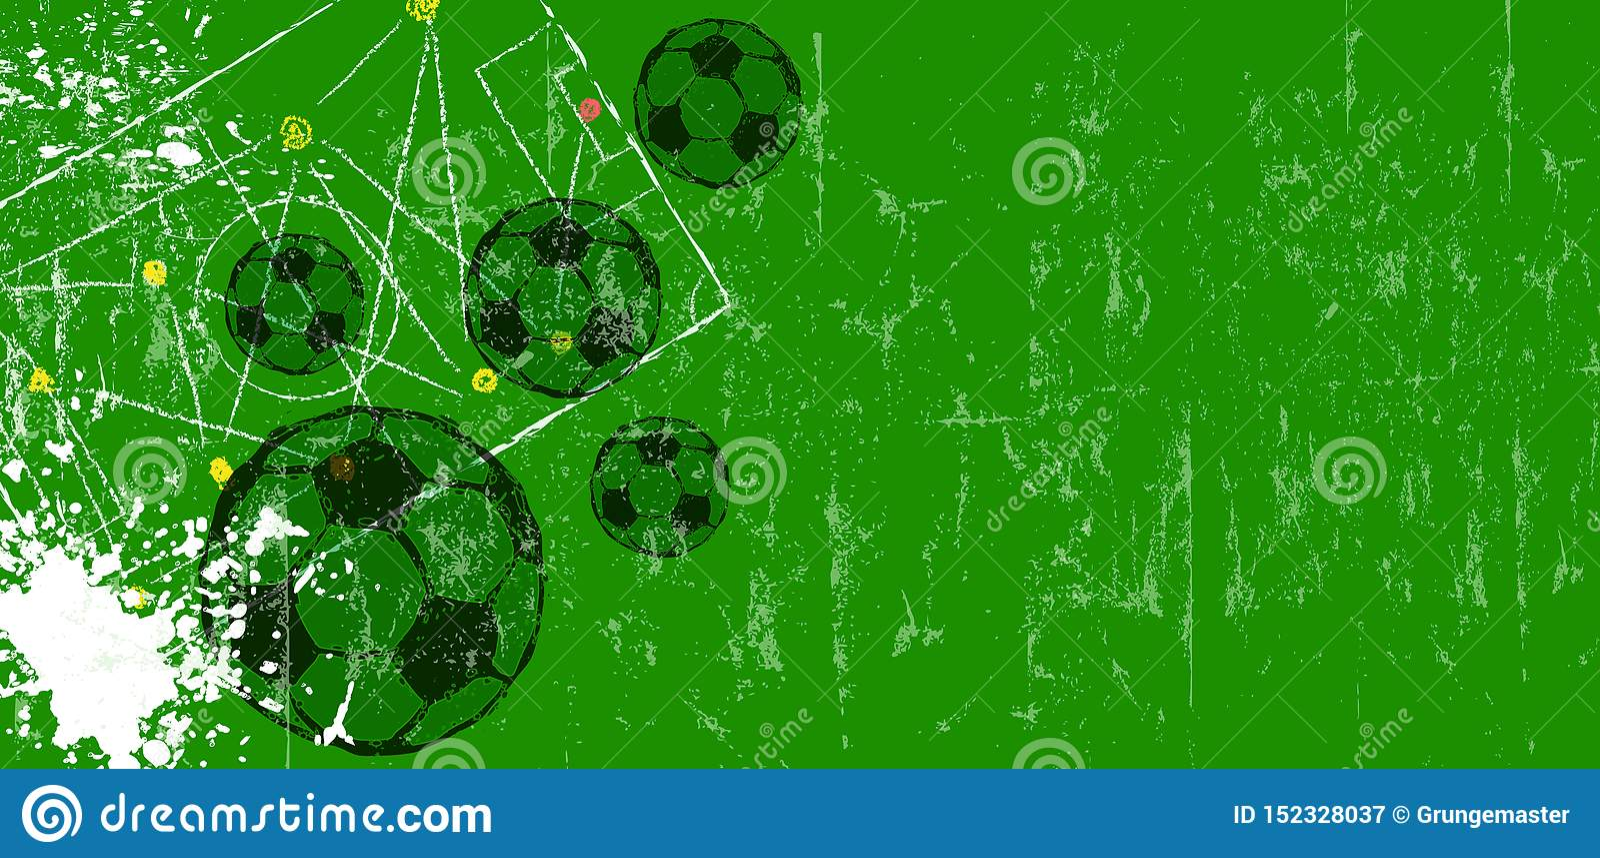 Fondo de la maqueta del fútbol, del balón de fútbol, del fútbol y del fútbol, espacio de la copia libre, vector